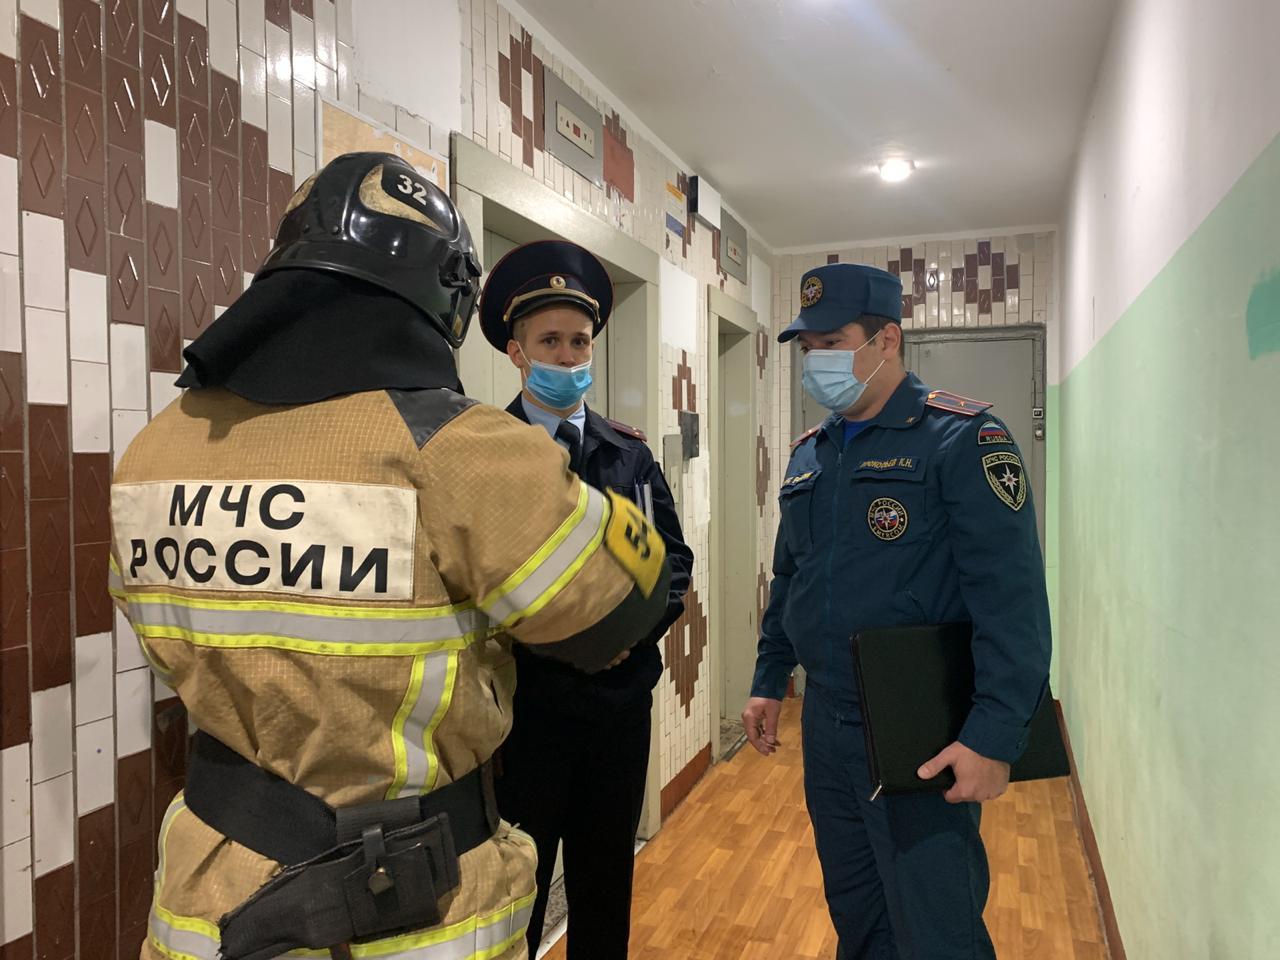 Набор правил, который следует соблюдать, чтобы предотвратить пожар